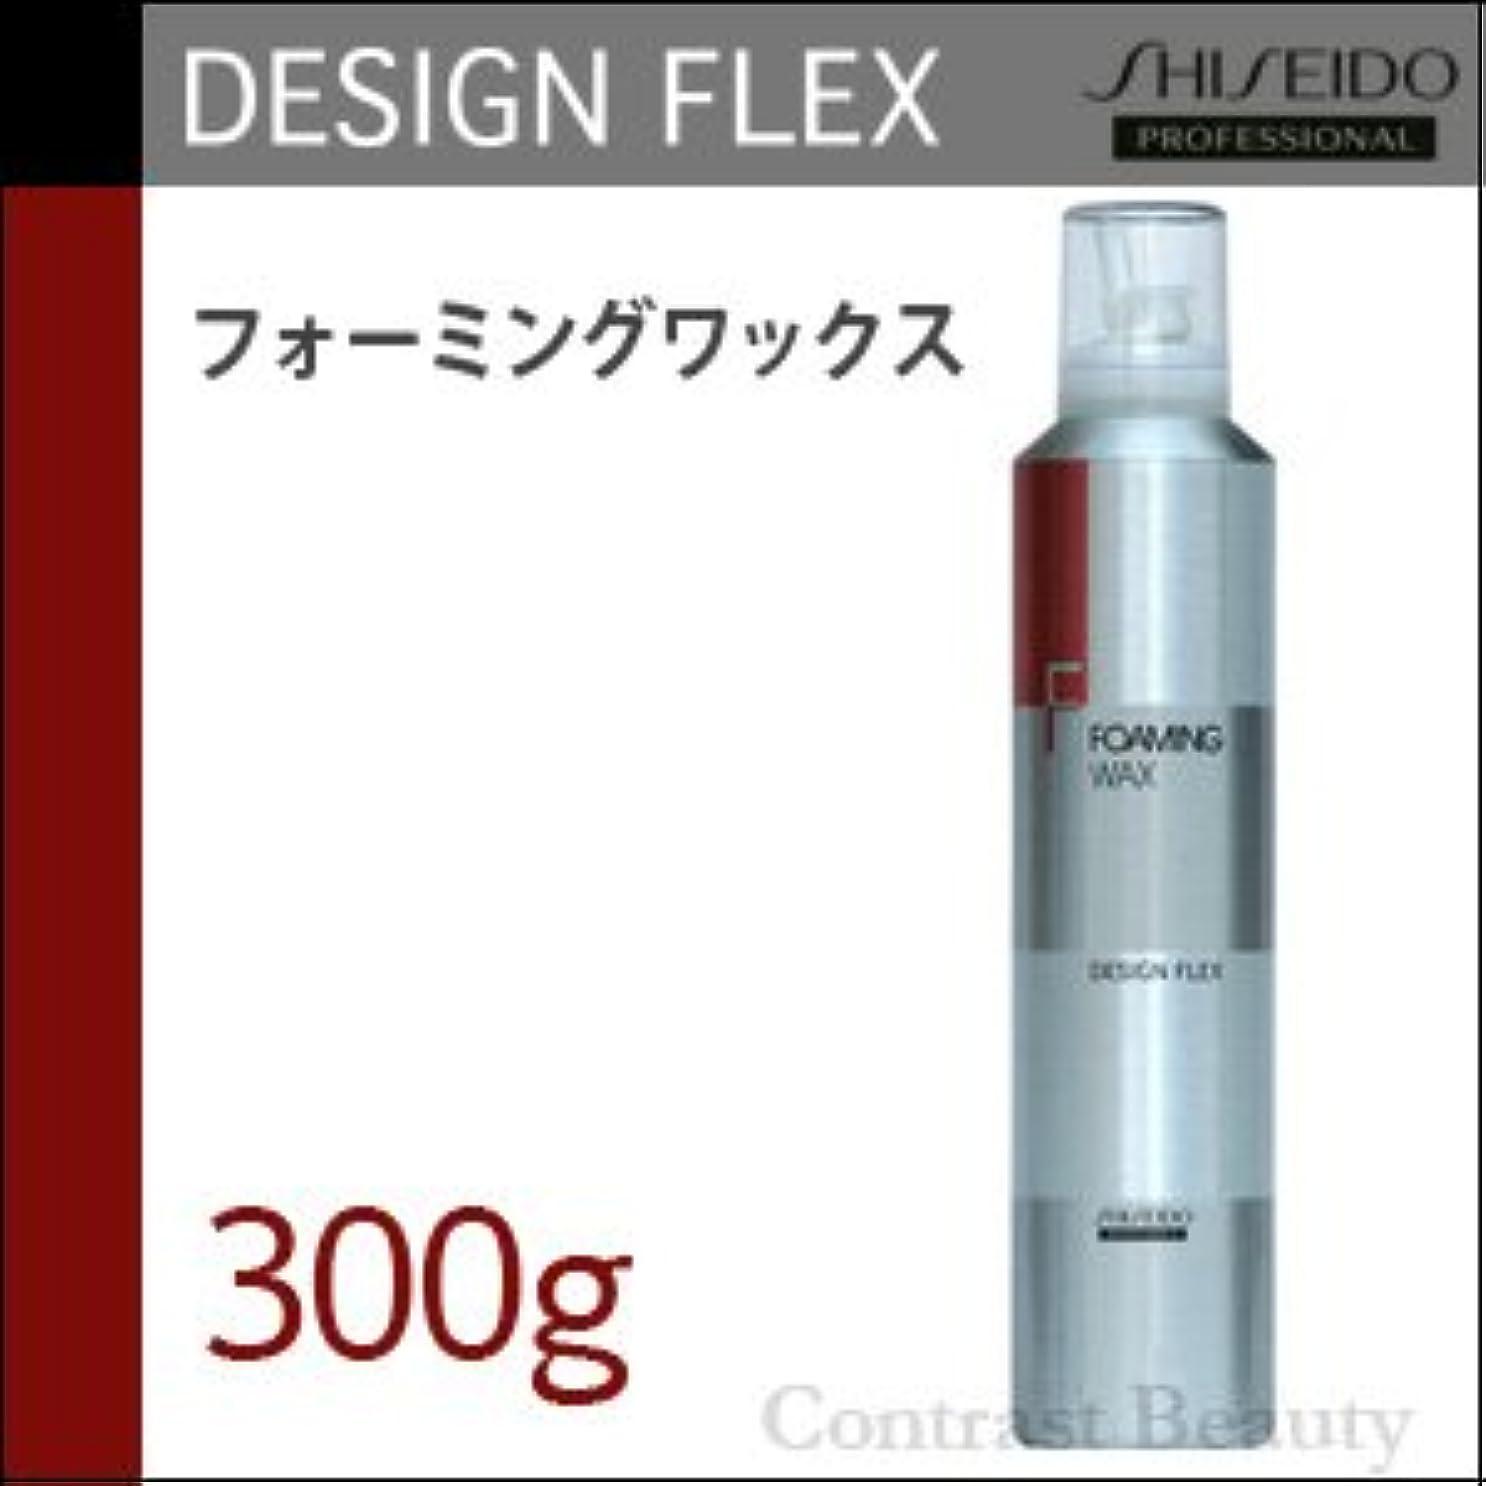 不規則な舌な請求書【x2個セット】 資生堂 デザインフレックス フォーミングワックス 300g